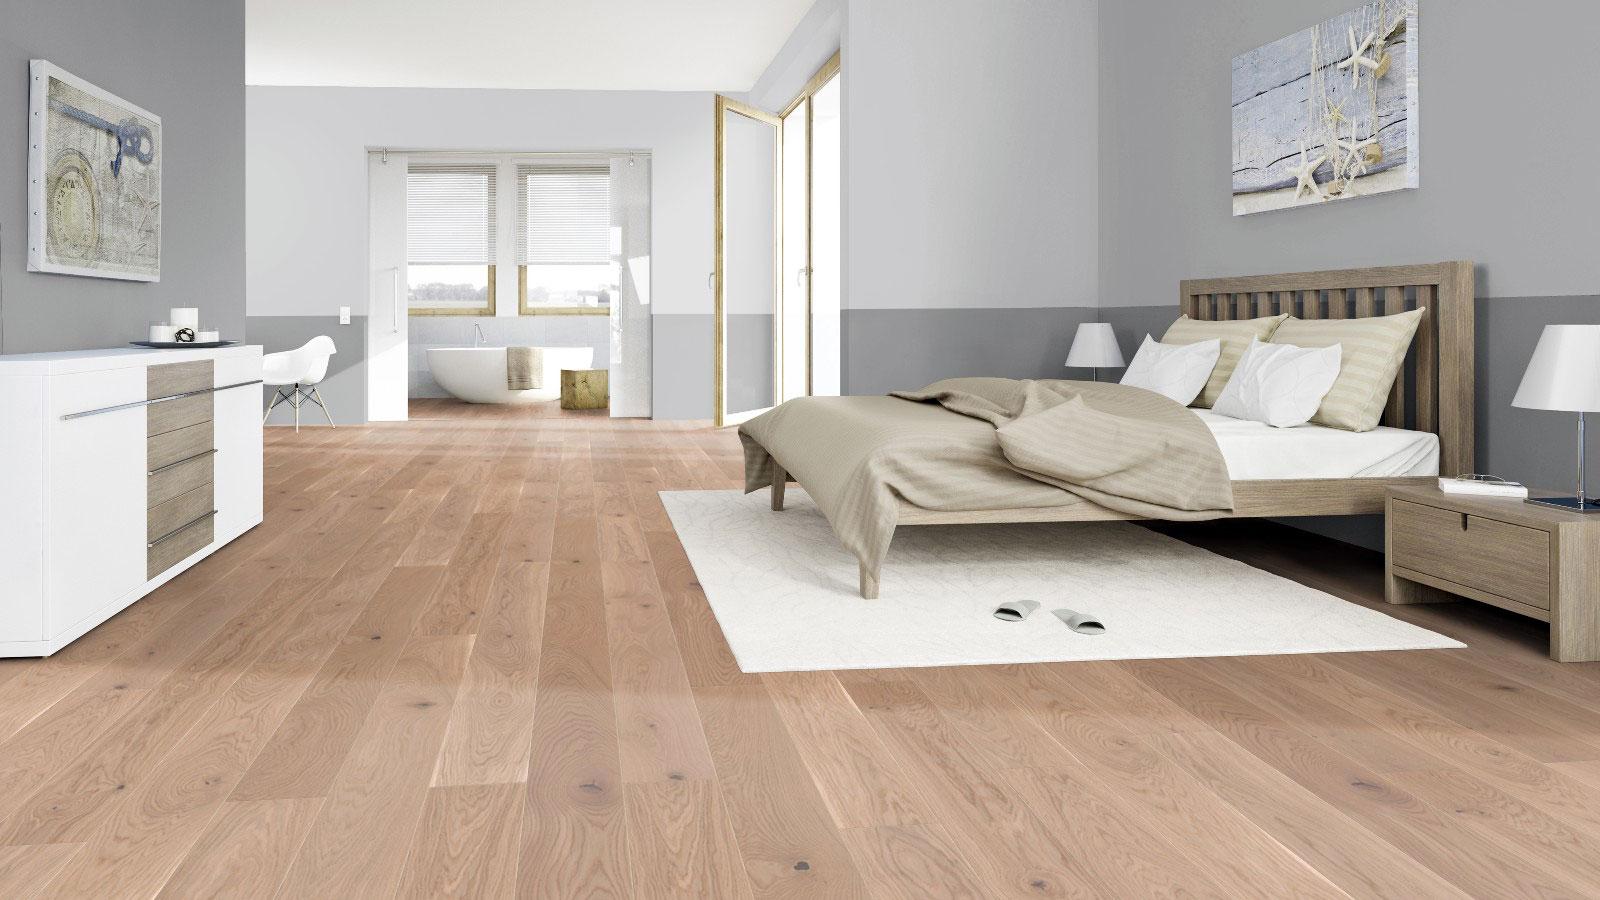 Milline on kvaliteetne põrandalaud?